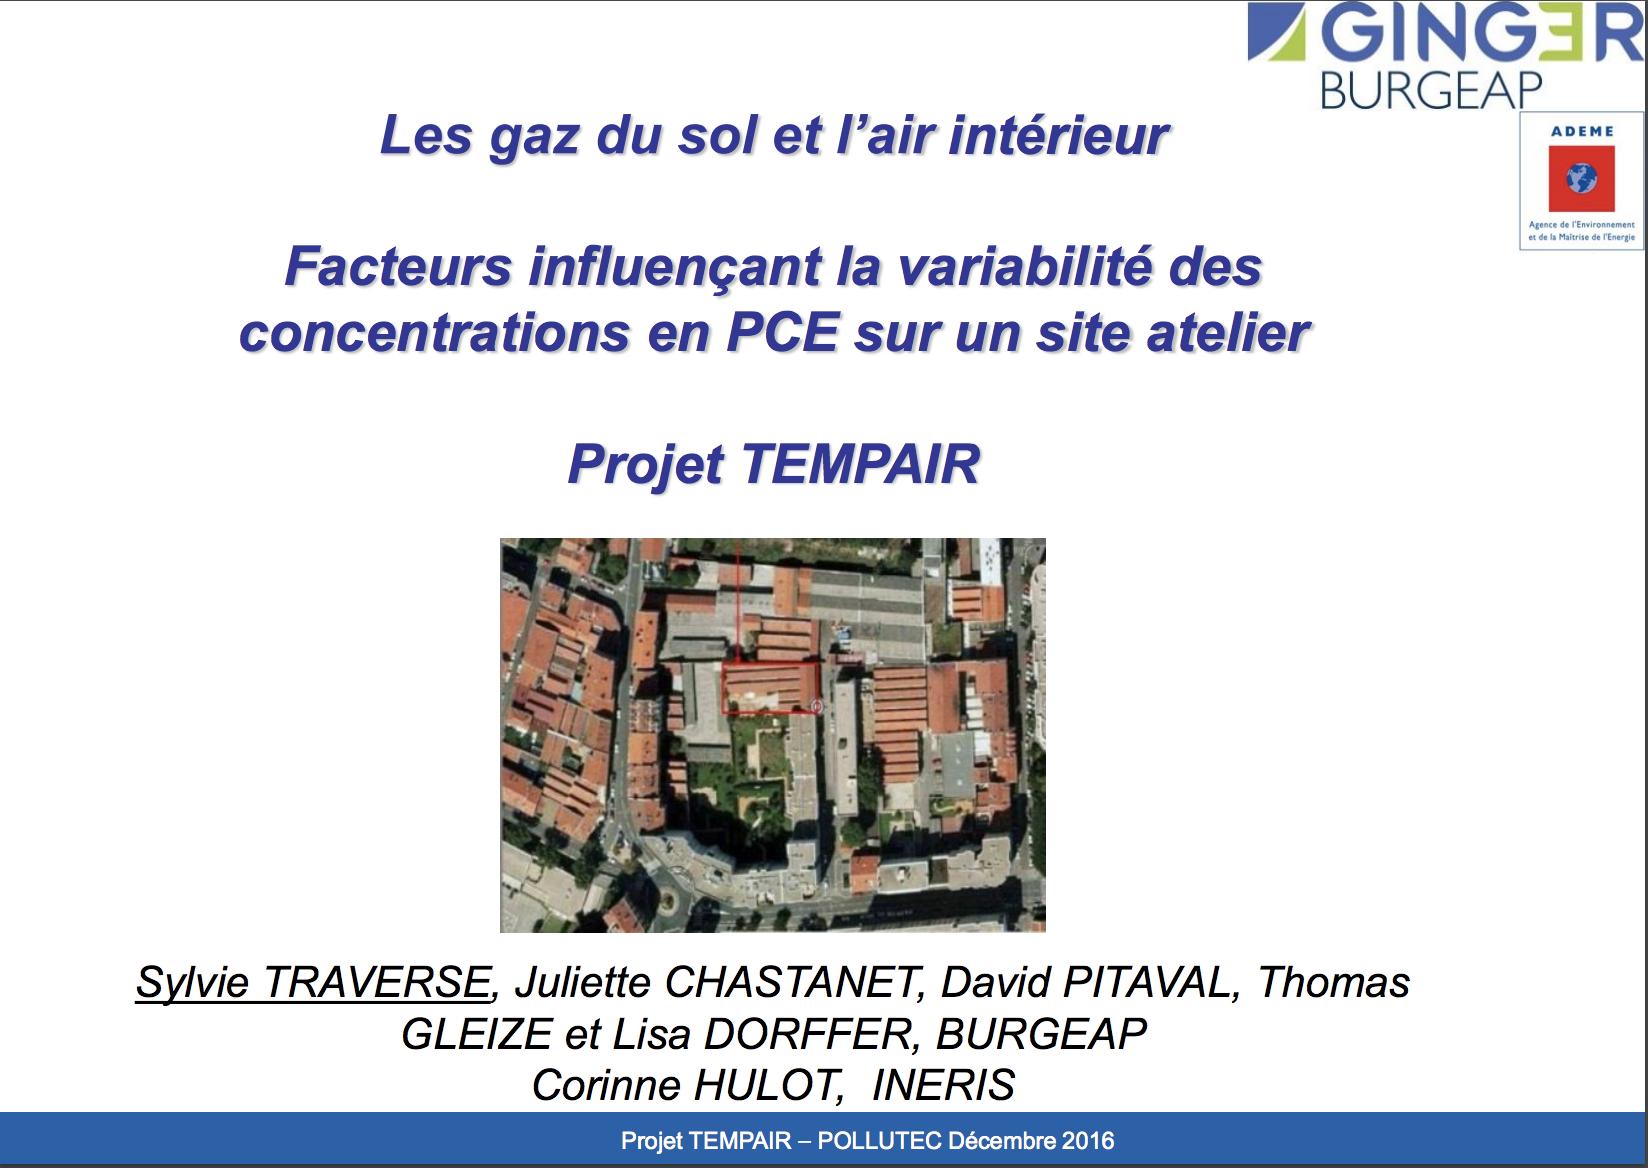 Facteurs influençant les variations de concentrations en tétrachloroéthylene dans les gaz du sol et l'air intérieur d'un site atelier - BURGEAP - 2016